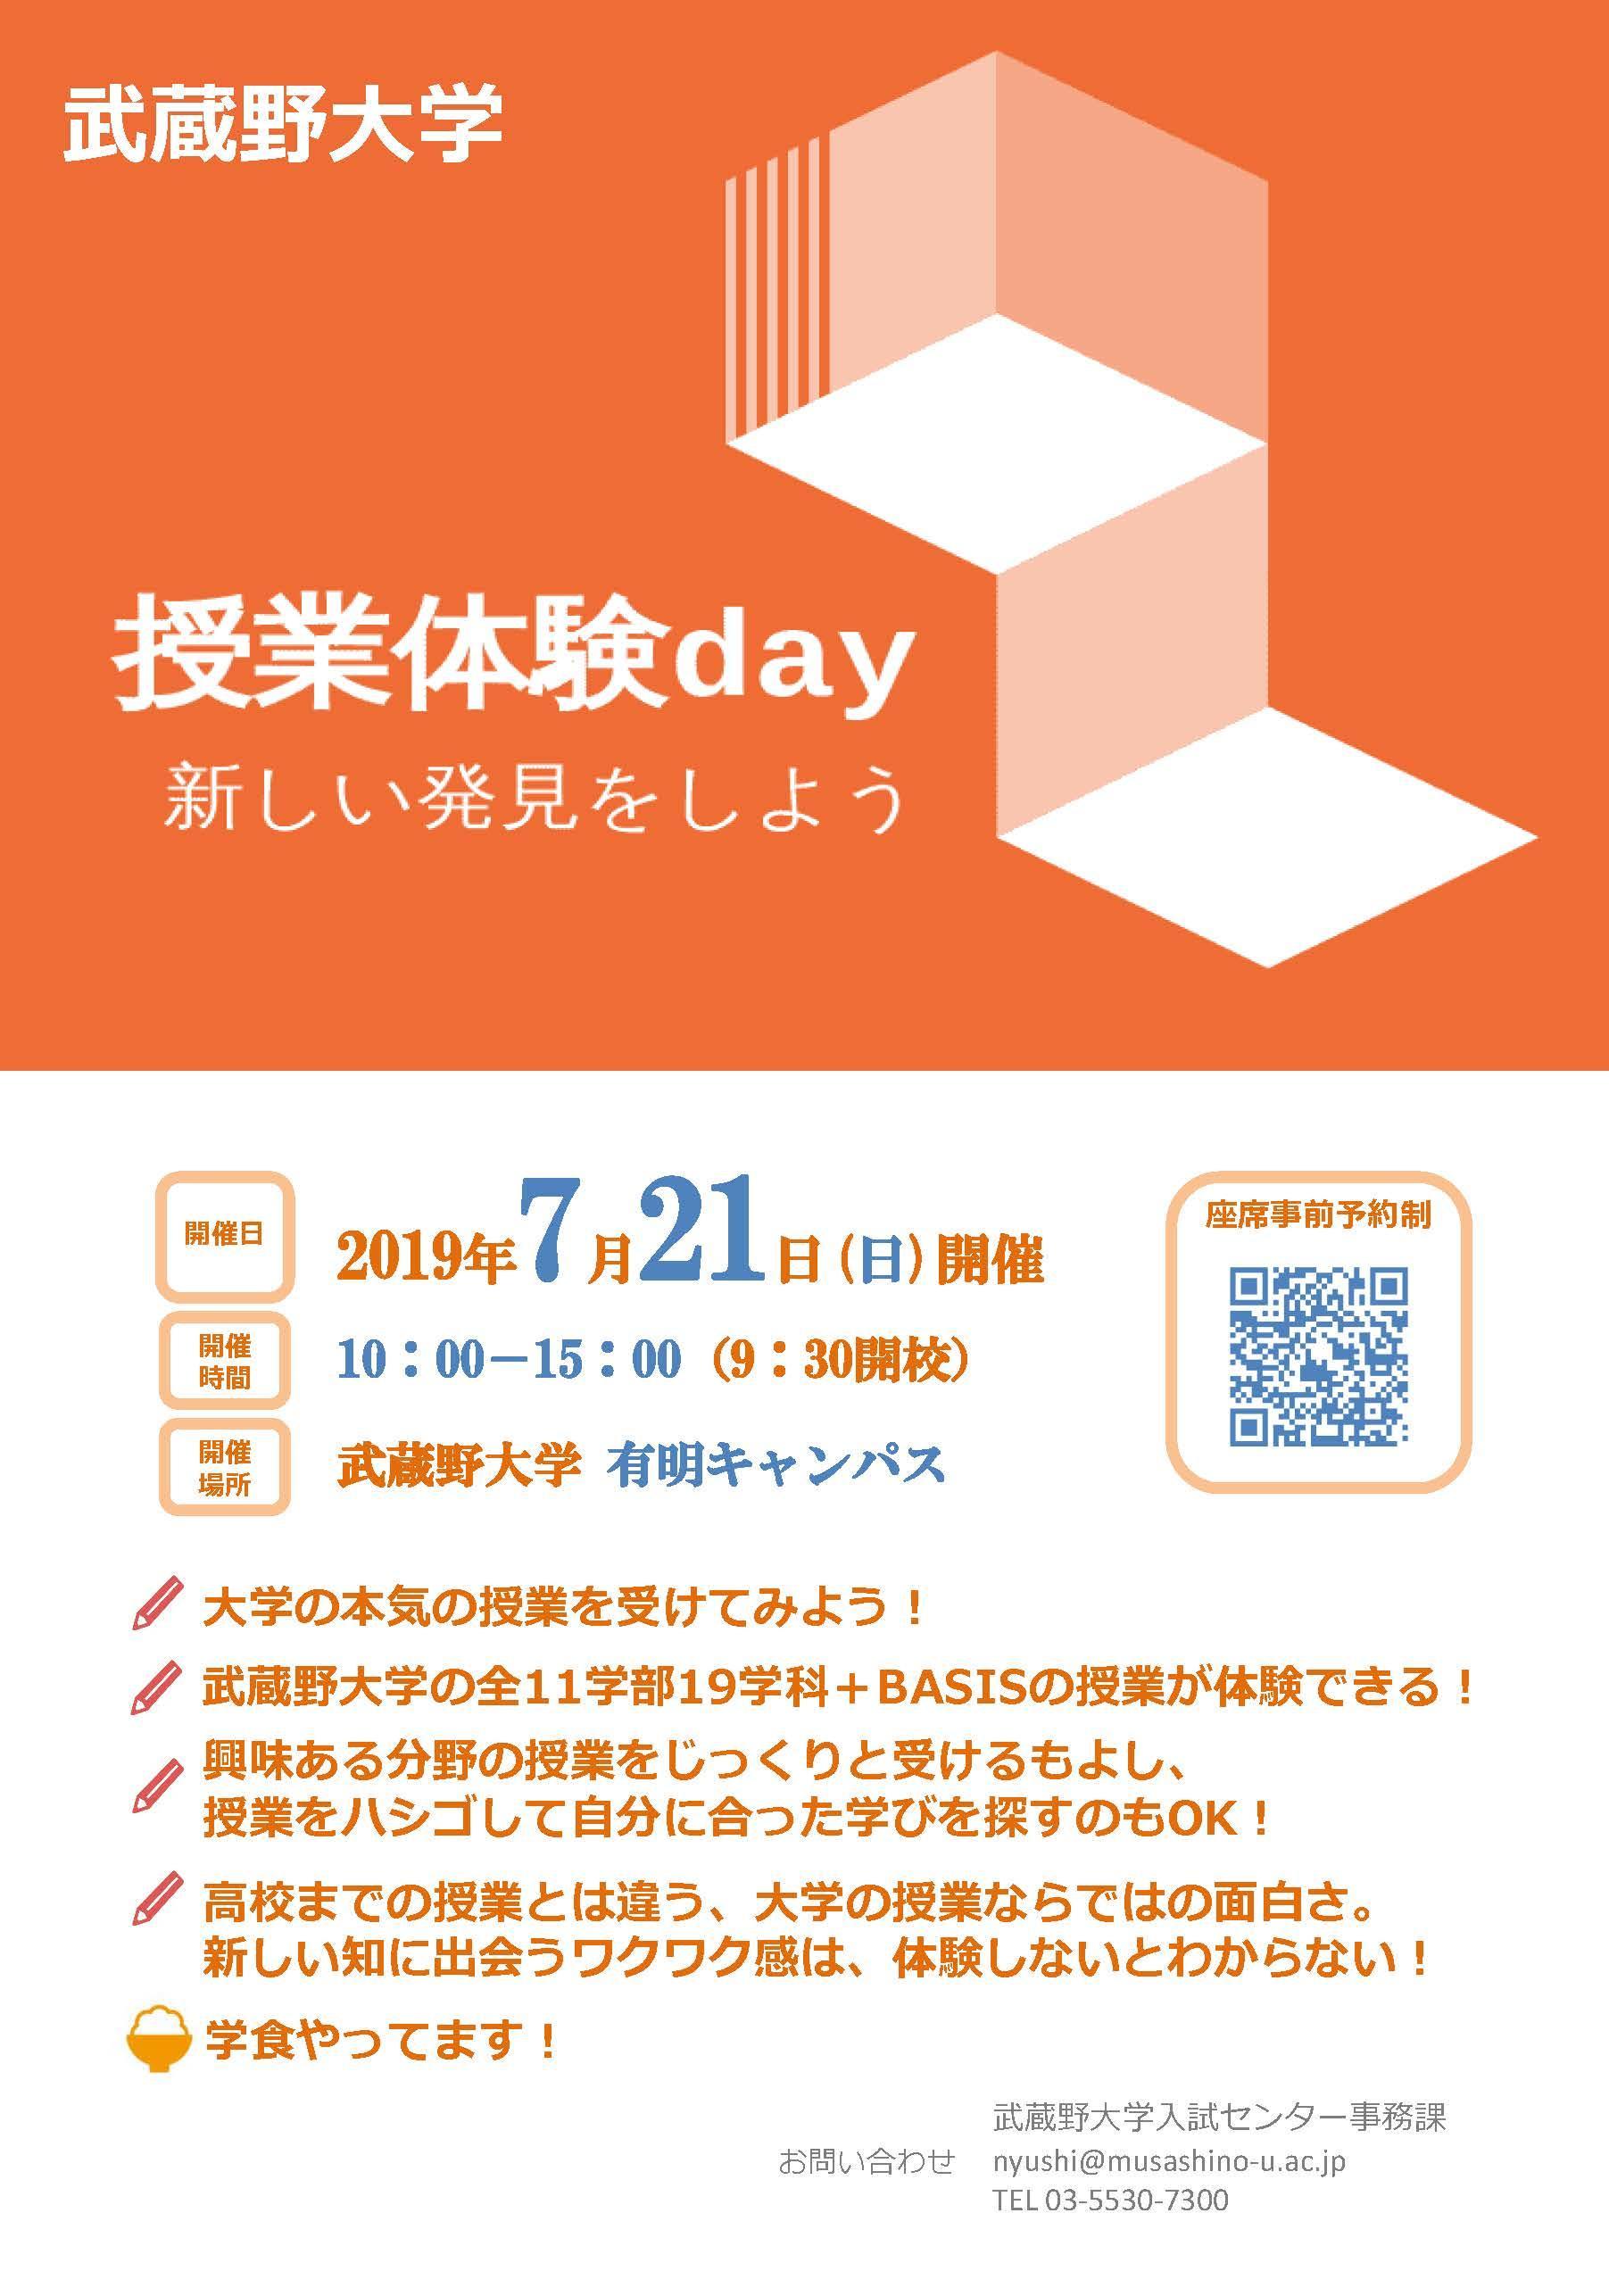 1キャンパスで全19学科の授業が1日で体験できる「授業体験day」を7月21日に開催【武蔵野大学】